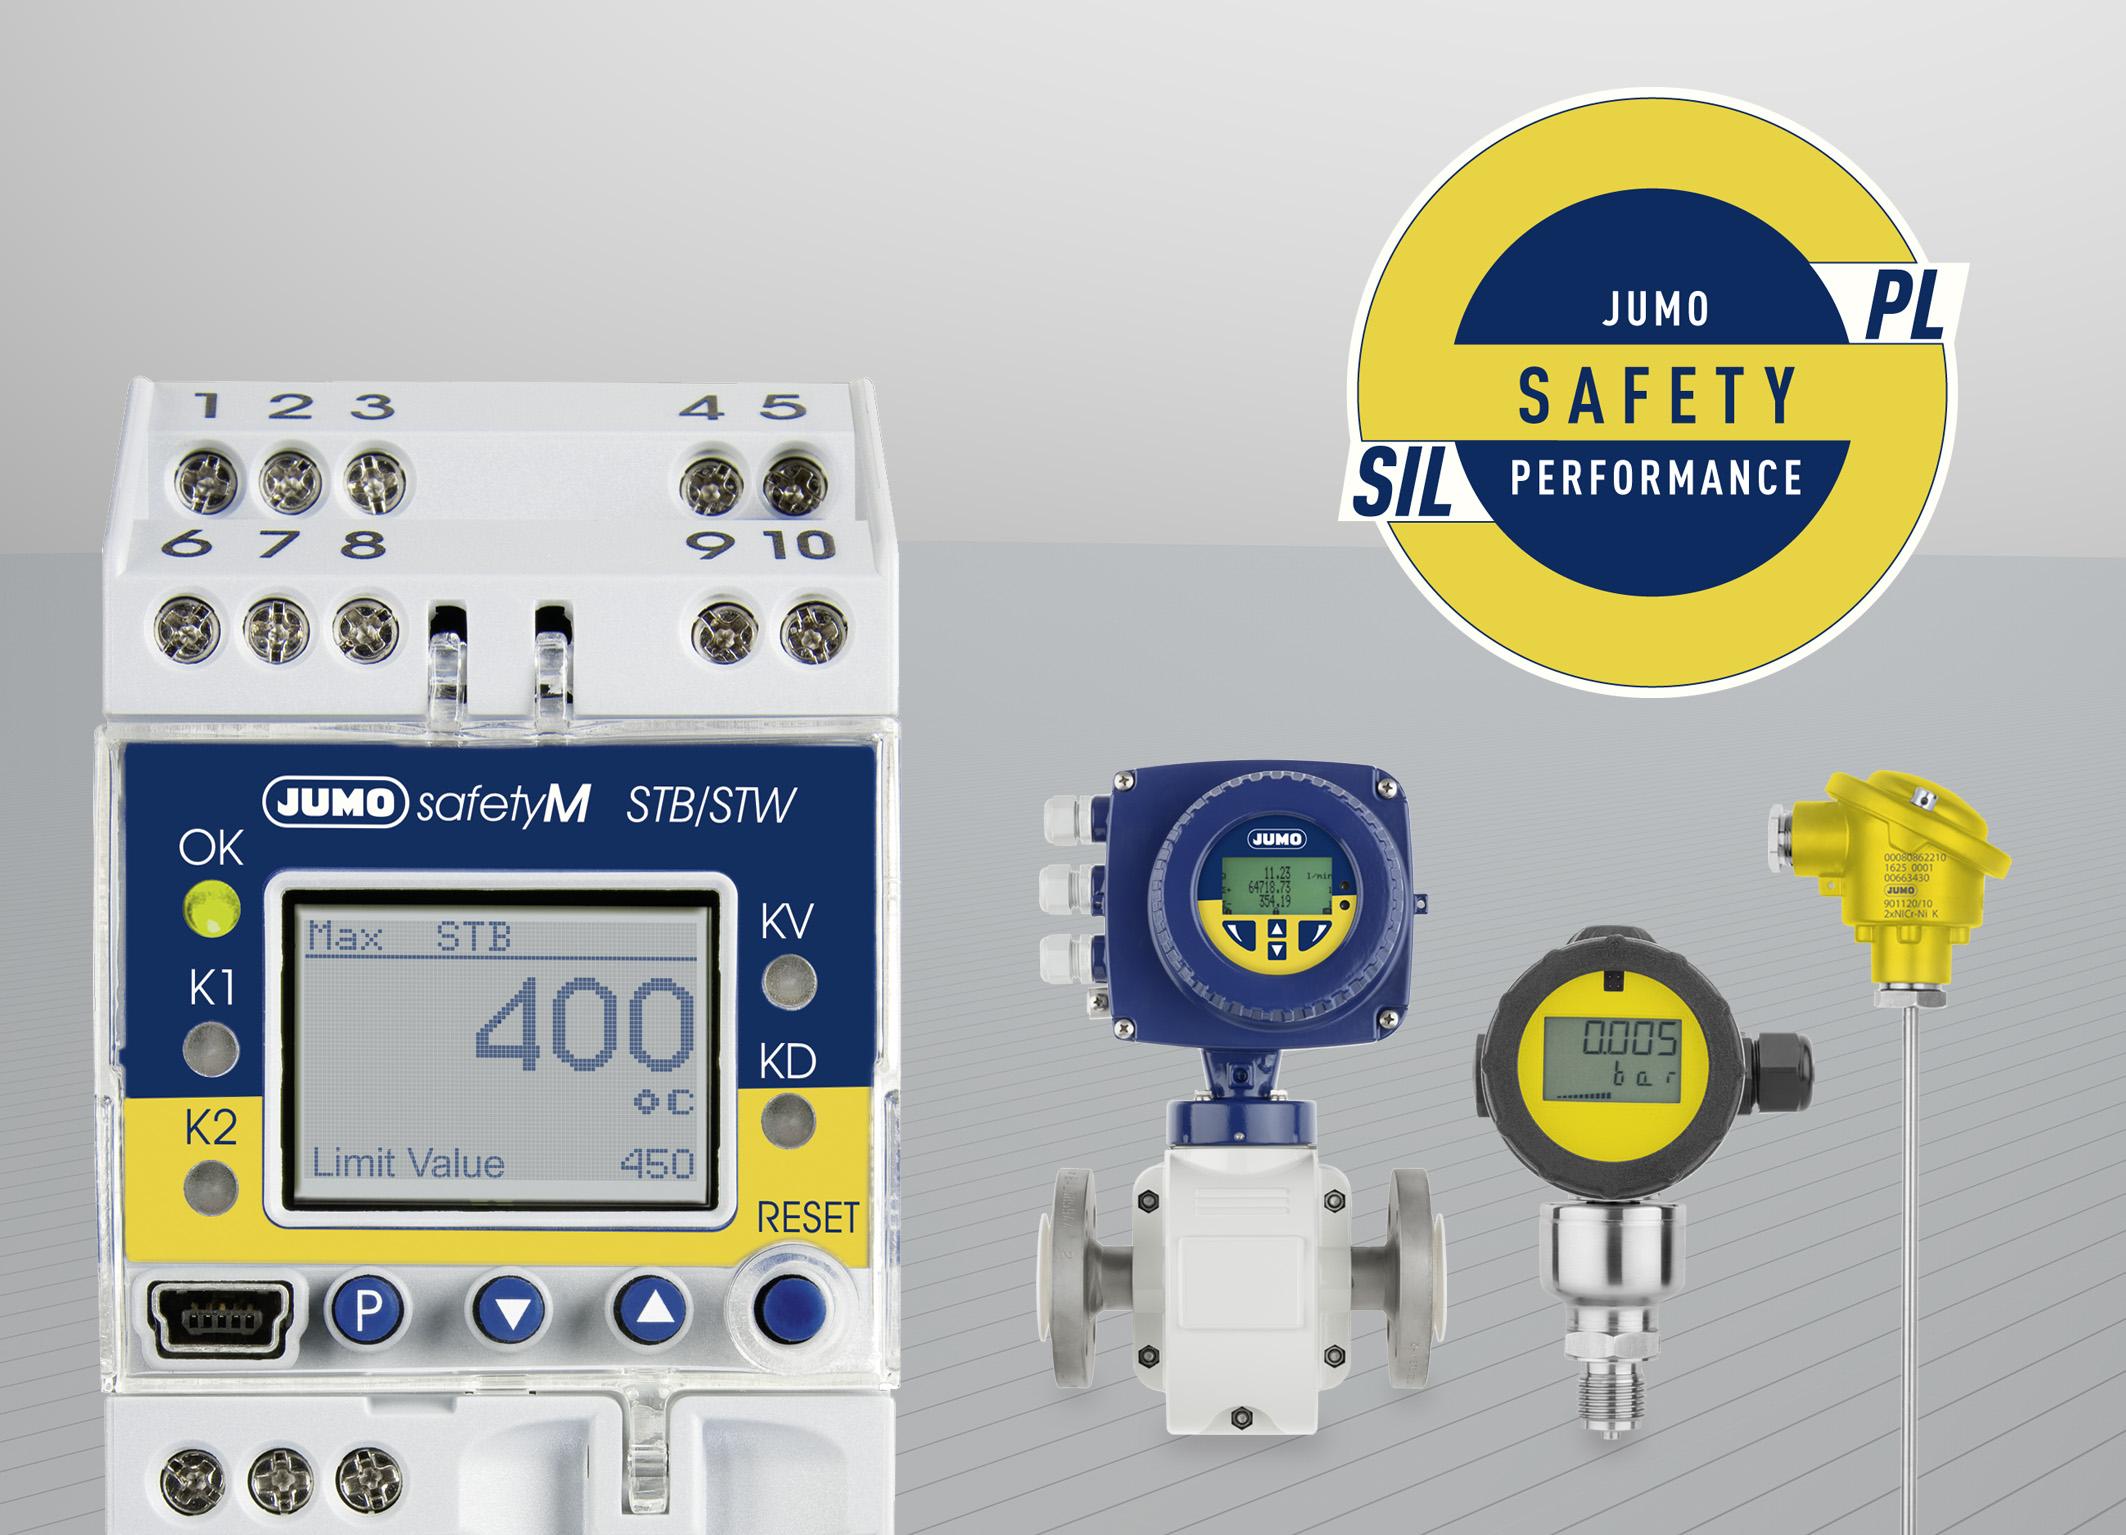 Jumo Safety Performance ist ein innovatives Produkt- und Lösungskonzept rund um die Themen SIL und PL.